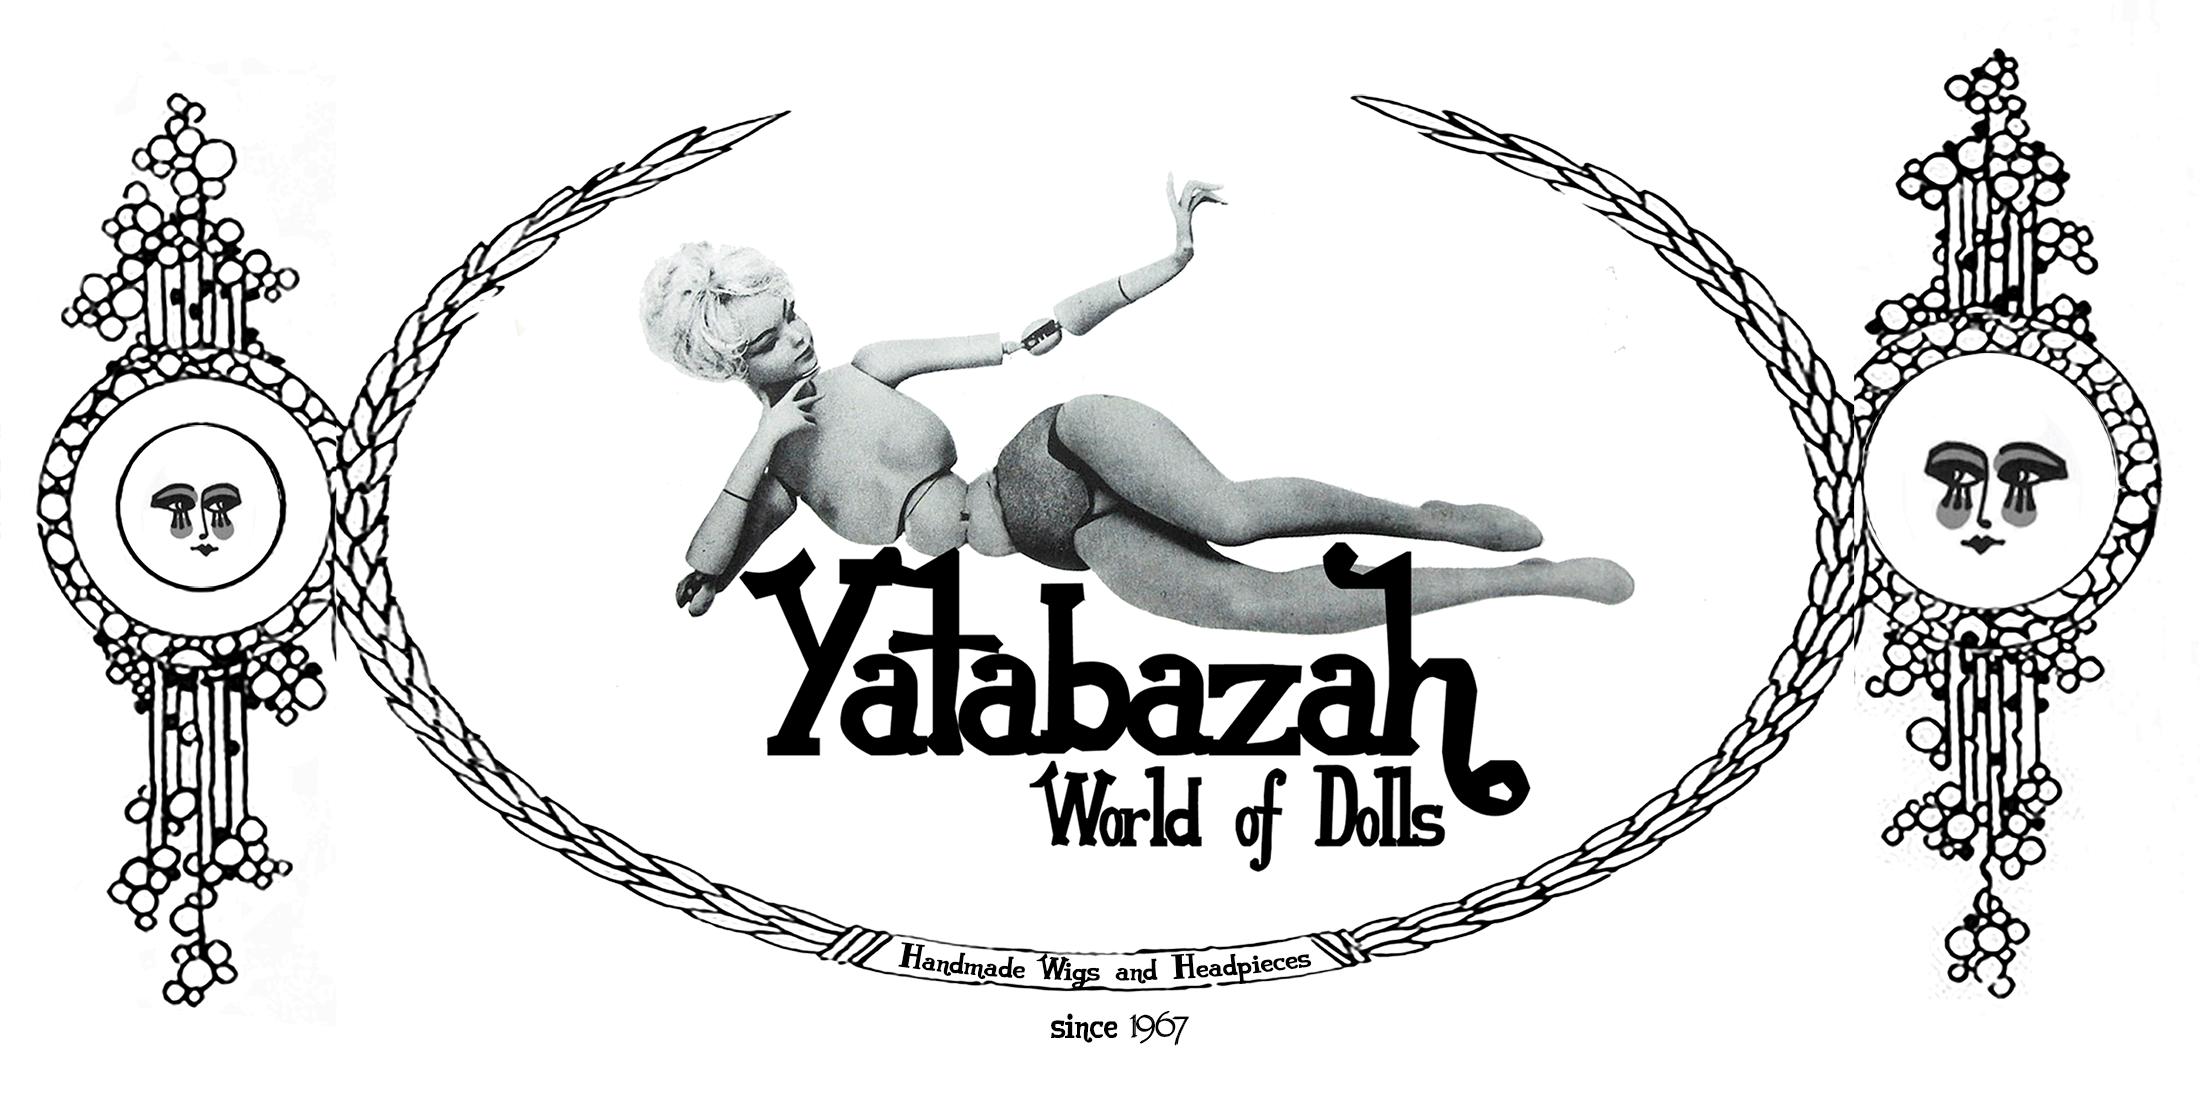 Yatabazah — World of Dolls